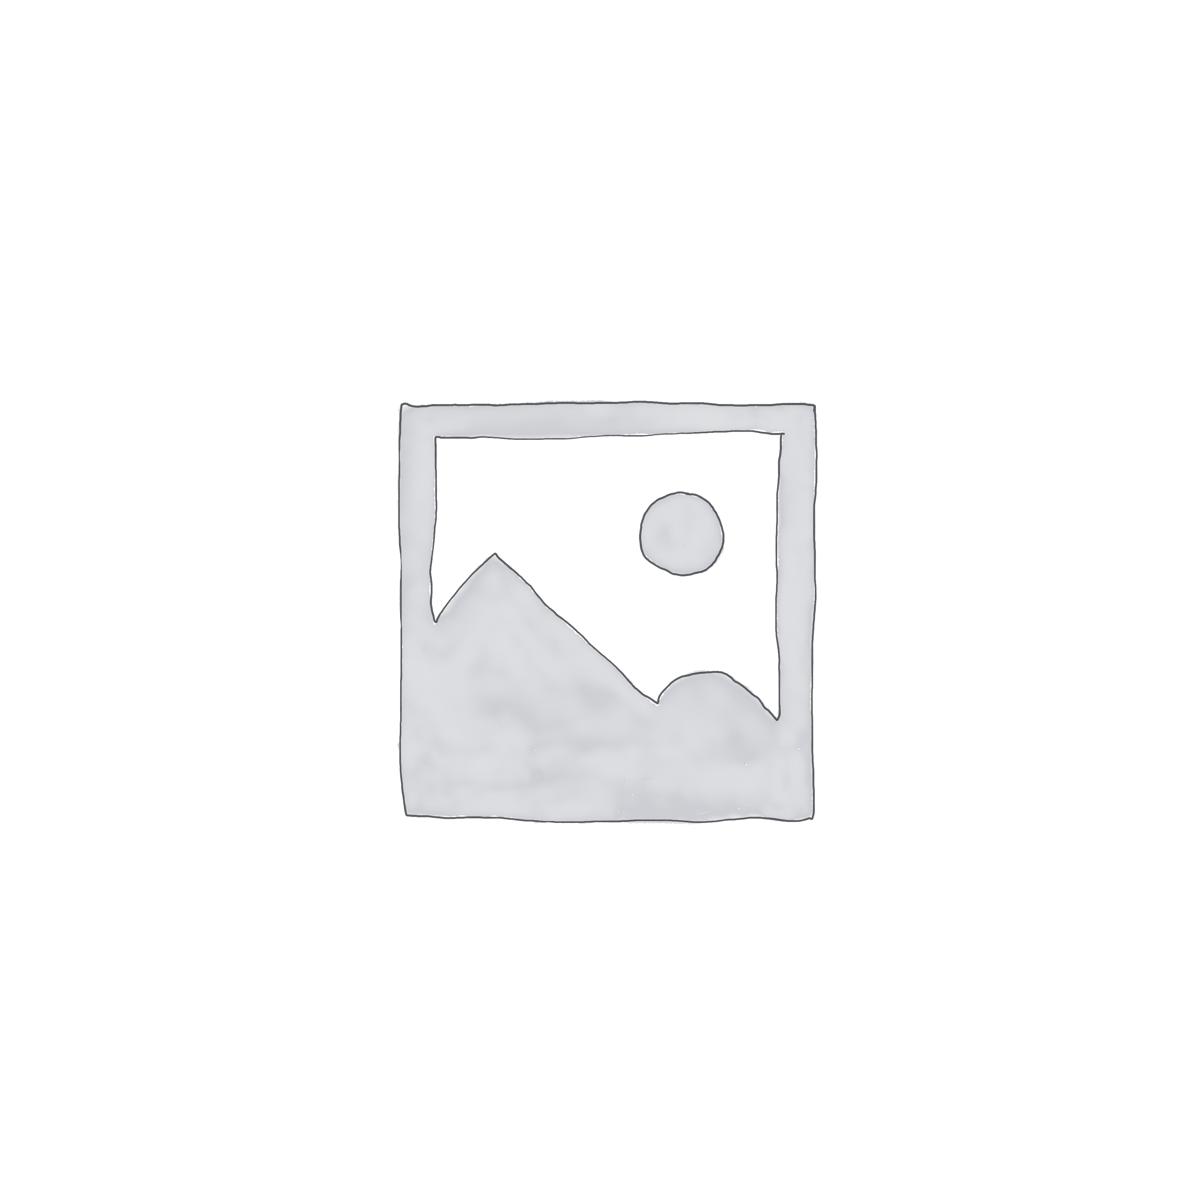 Royal Carrara Paver Collection